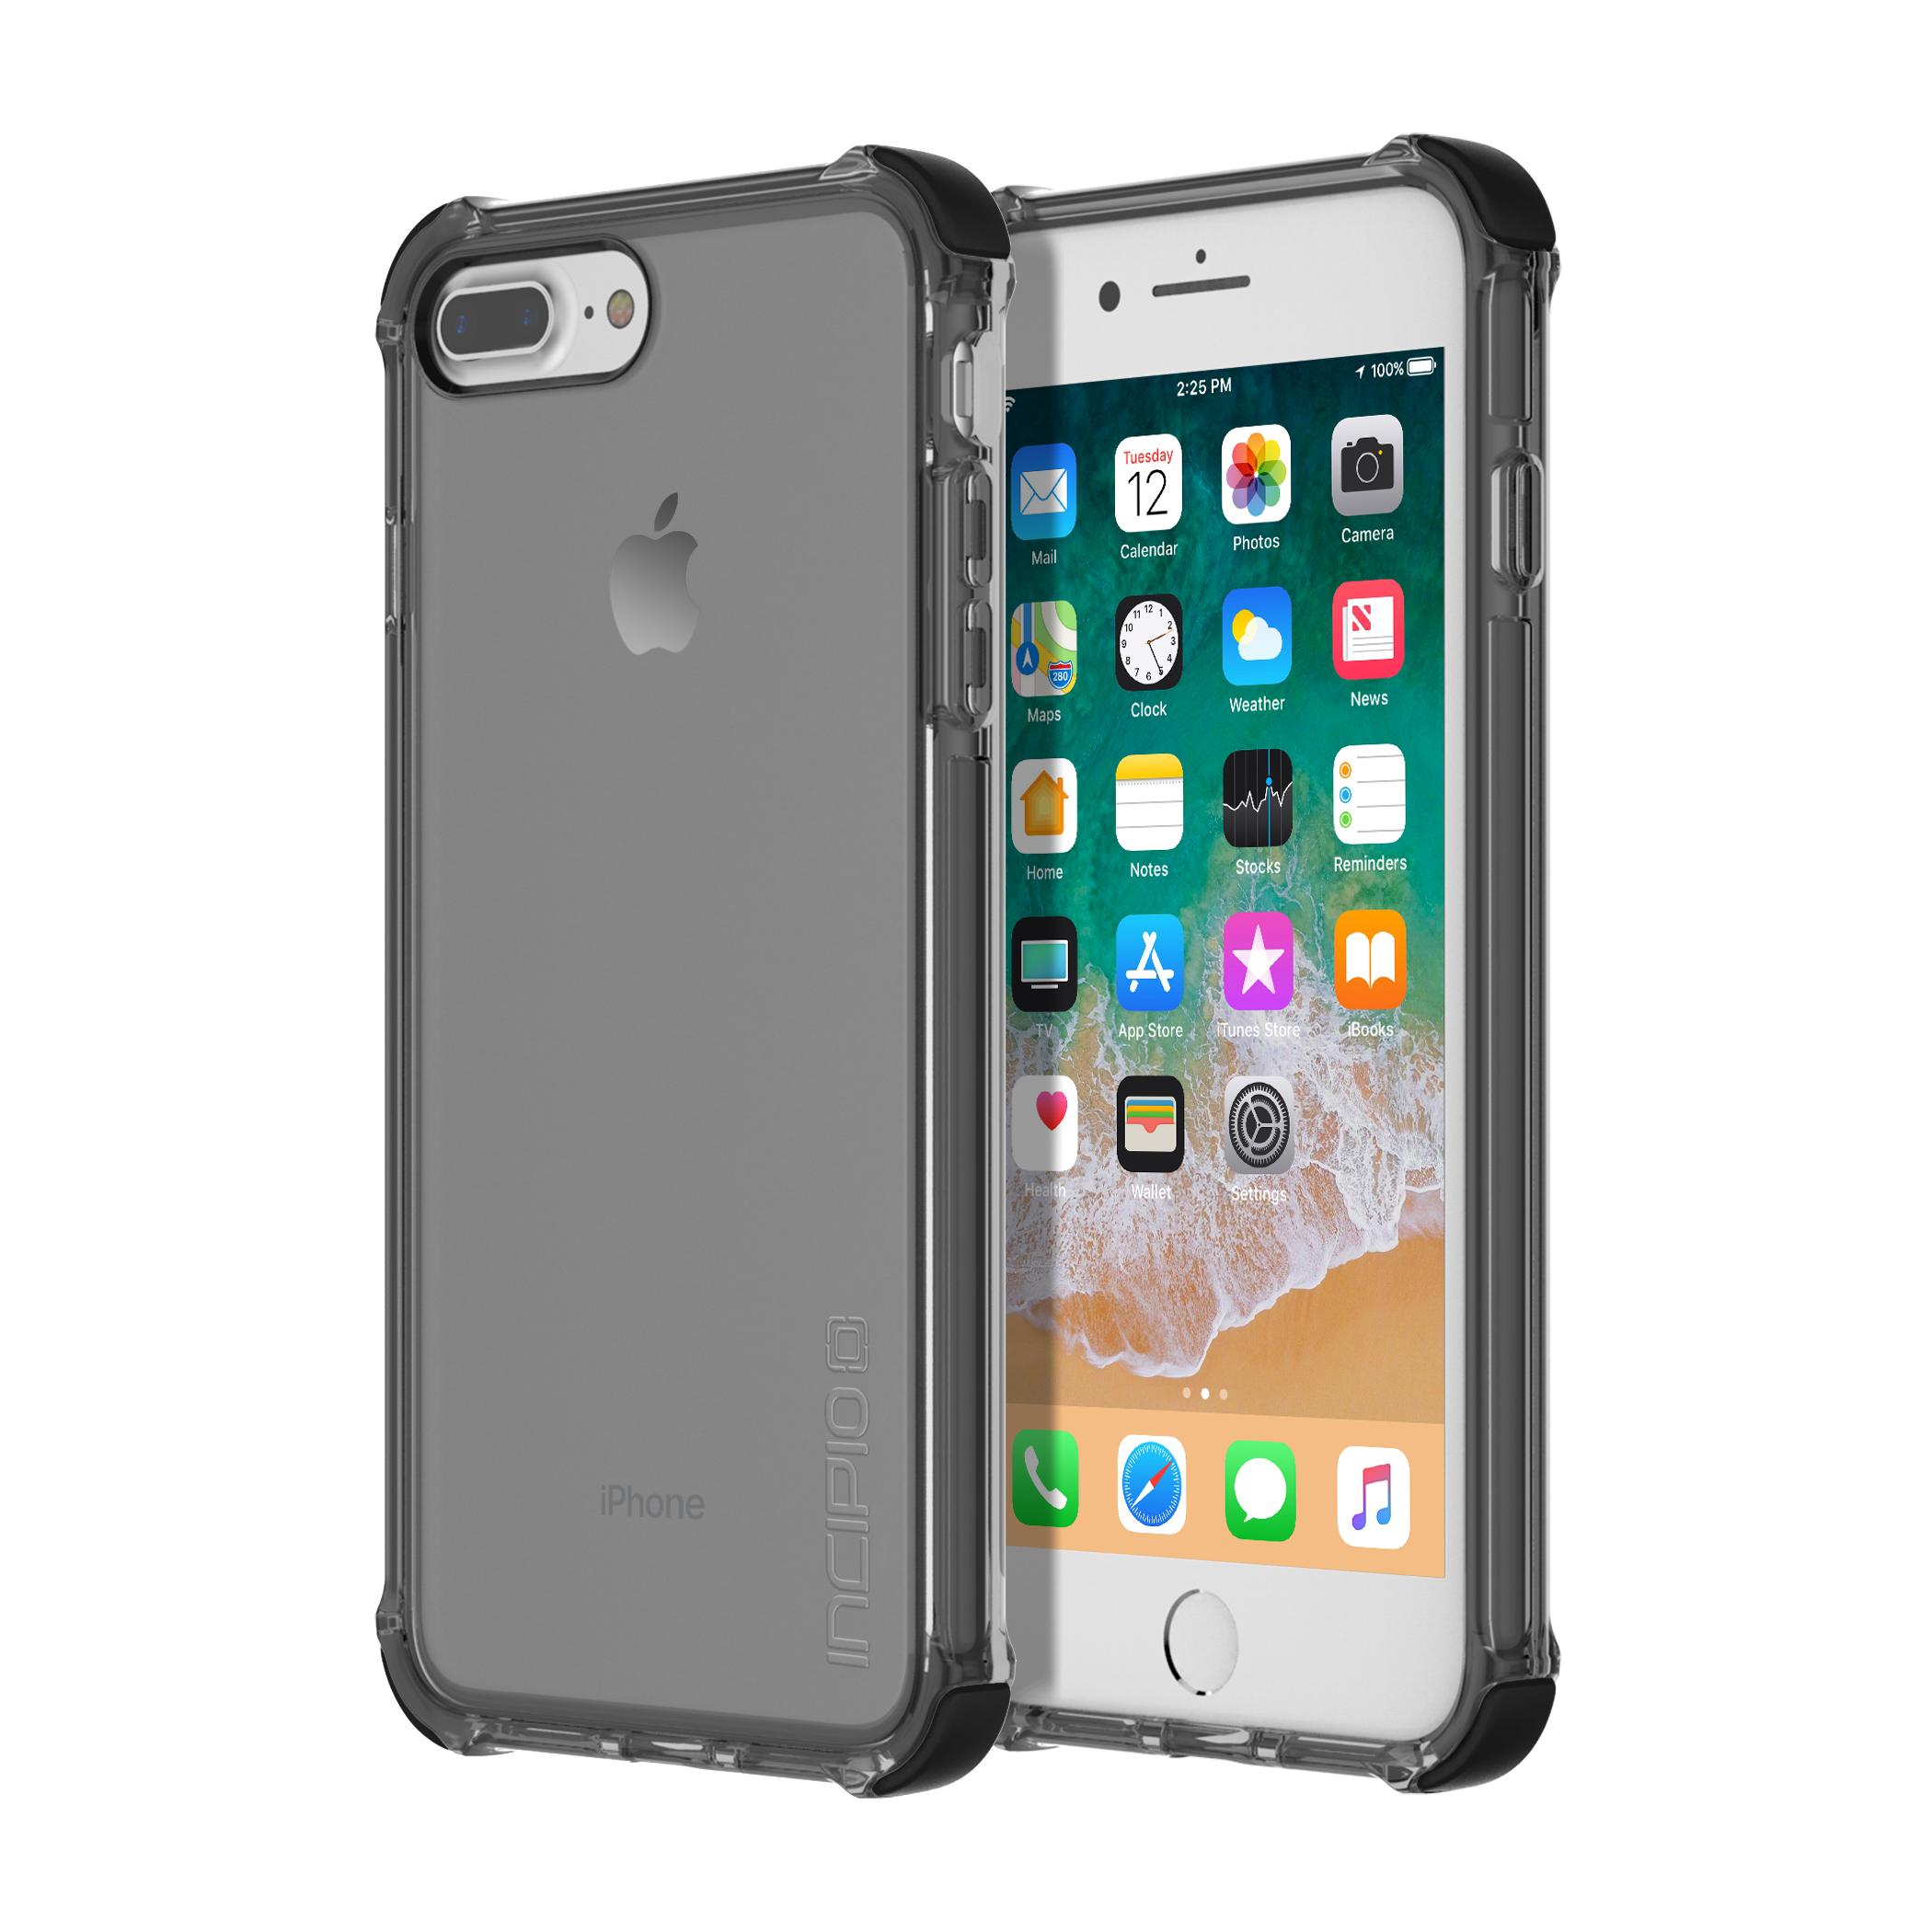 Incipio Reprieve Sport for iPhone 8 Plus/7 Plus - Black/Smoke